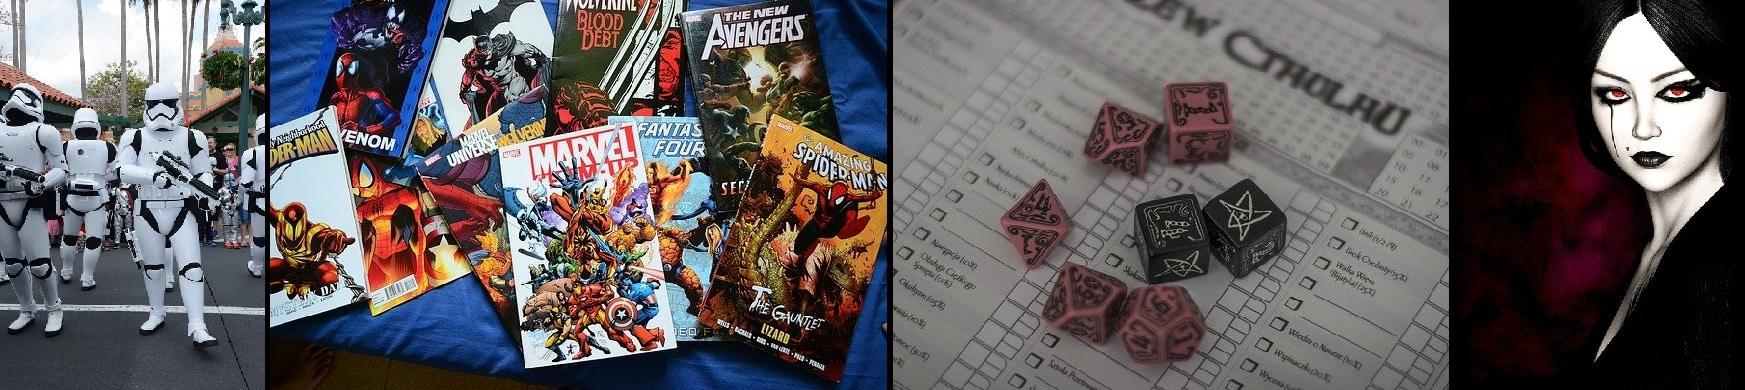 Unterschiedliche Arten von Nerds: Cosplayer und Science-Fiction-Fans, Comic-Sammler, Rollenspieler, Horrorfreaks & Goths